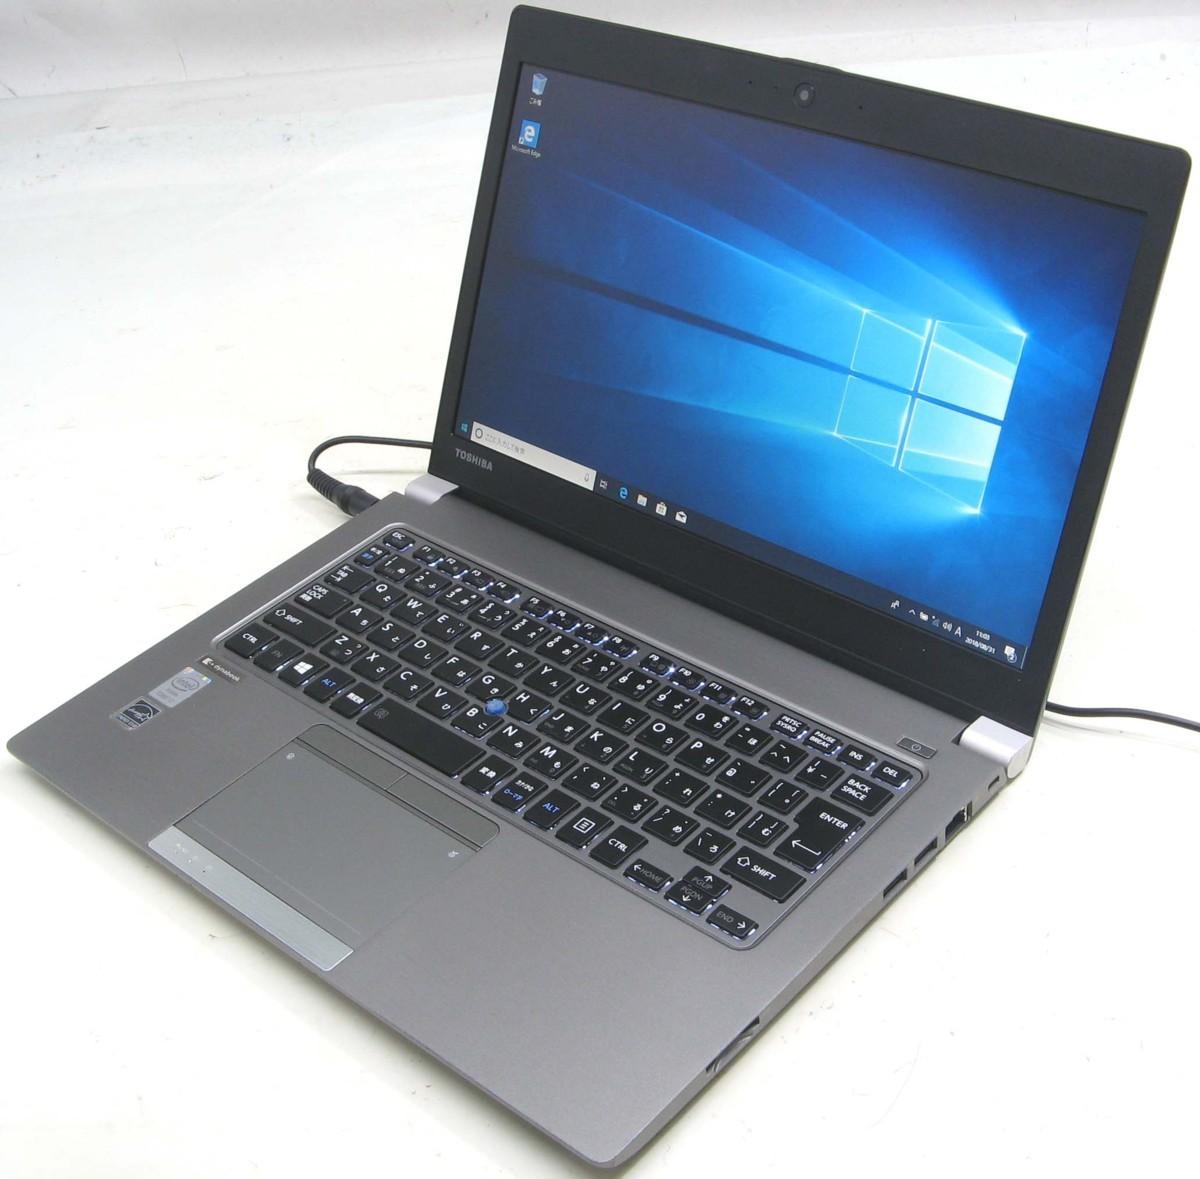 中古ノートパソコン 東芝 dynabook R634/M PR634MFWD47AD71(東芝 Windows10 Corei7 SSD搭載 HDMI出力端子)【中古】【中古パソコン/中古PC】